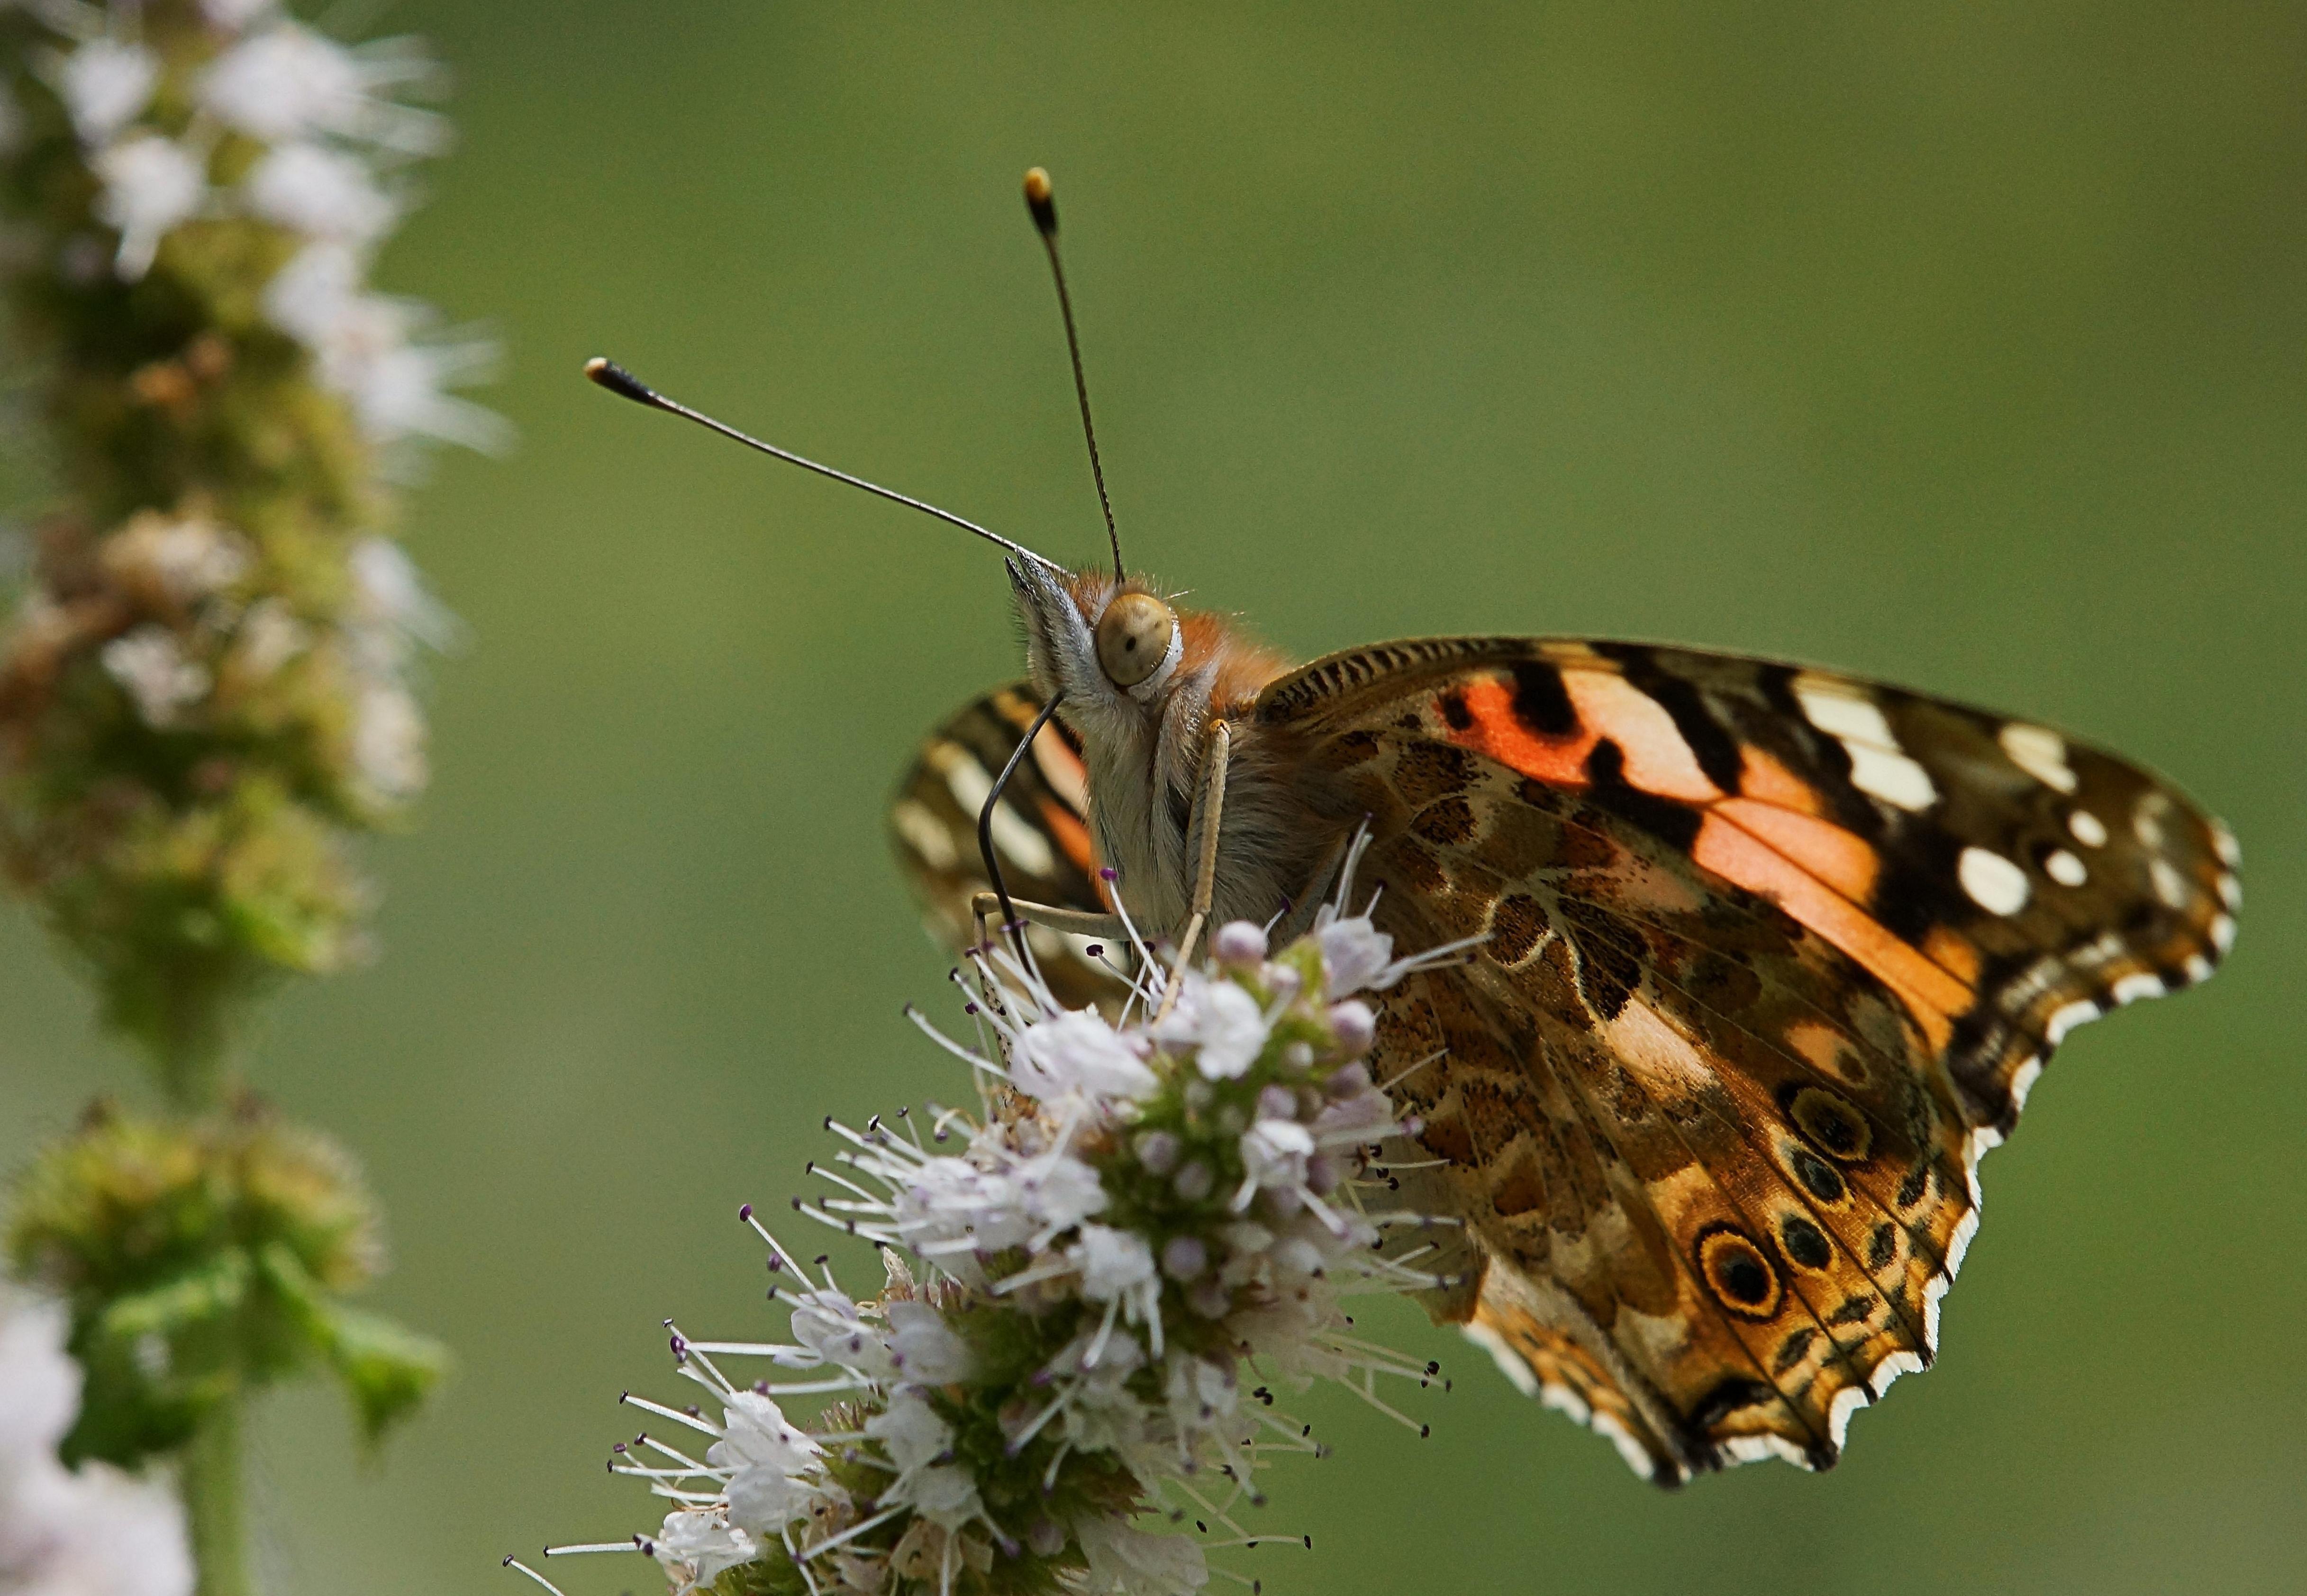 Image libre papillon insecte biologie macro ailes - Image papillon et fleur ...